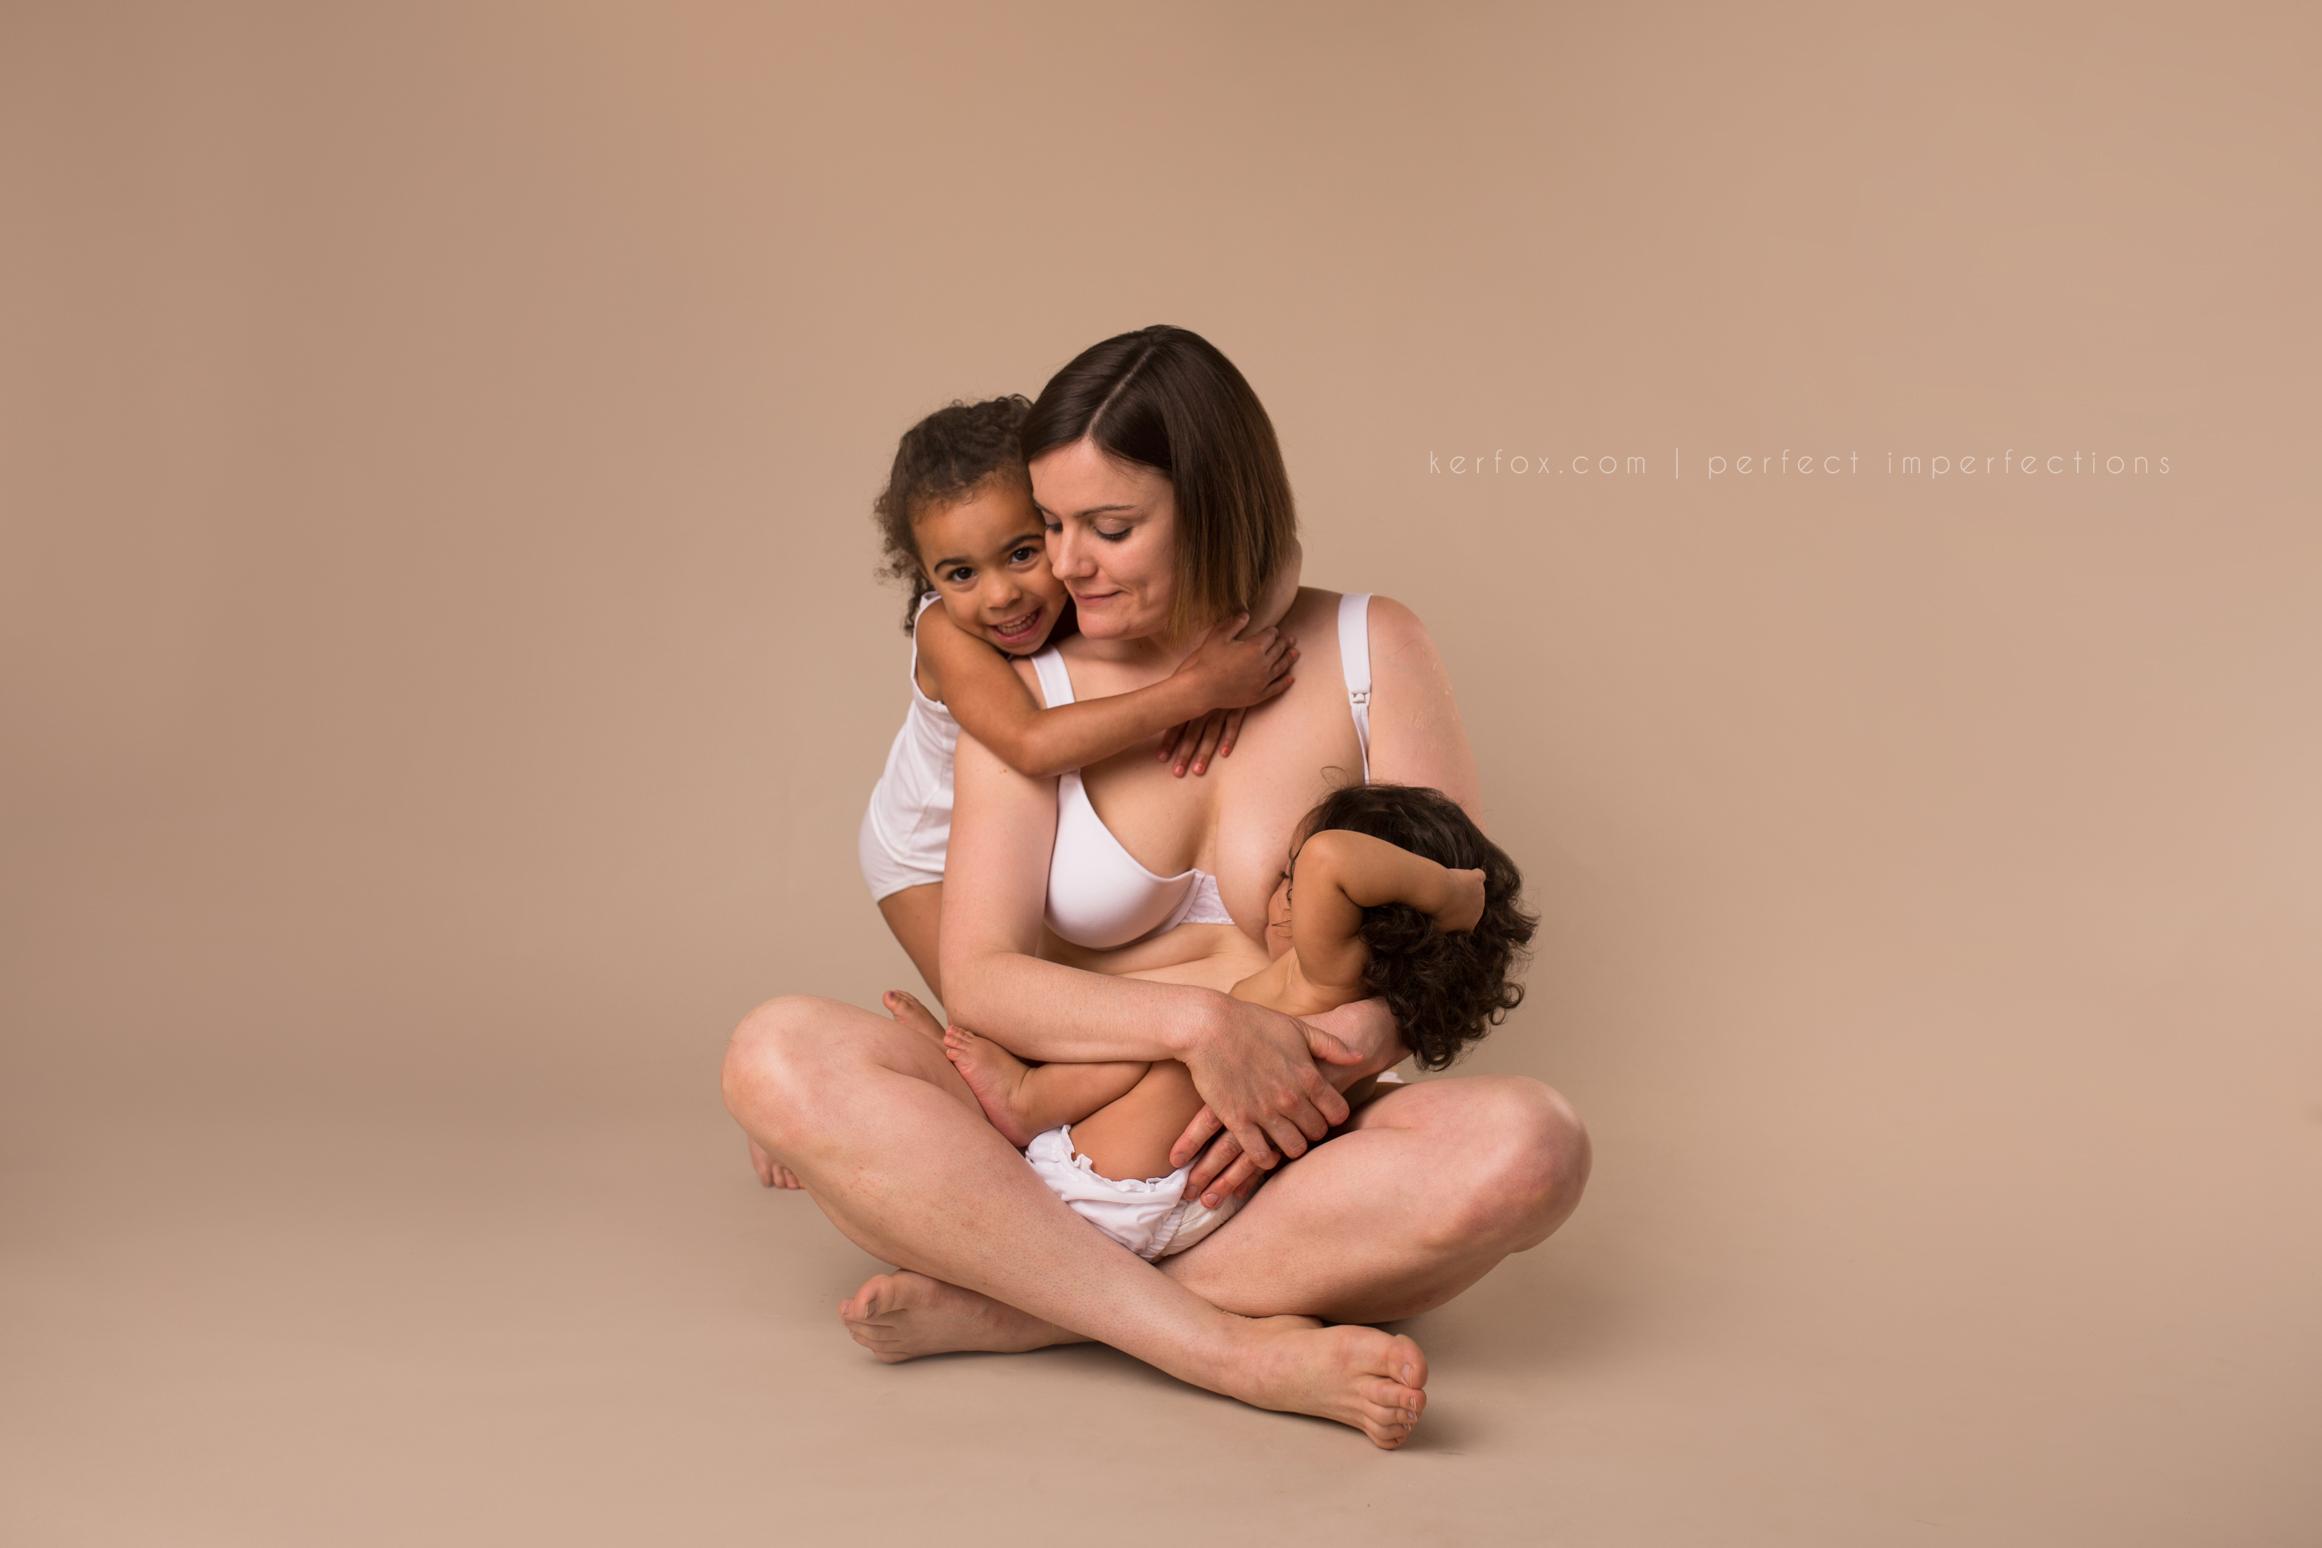 Секс маладая мама фото, Мамаши красивая ебля и секс развратных женщин на 8 фотография